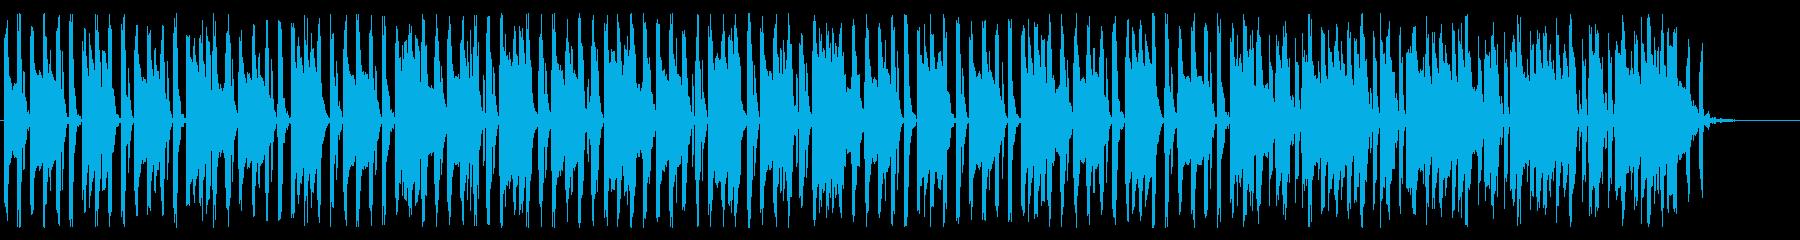 クラシック調の8bitチップチューンの再生済みの波形